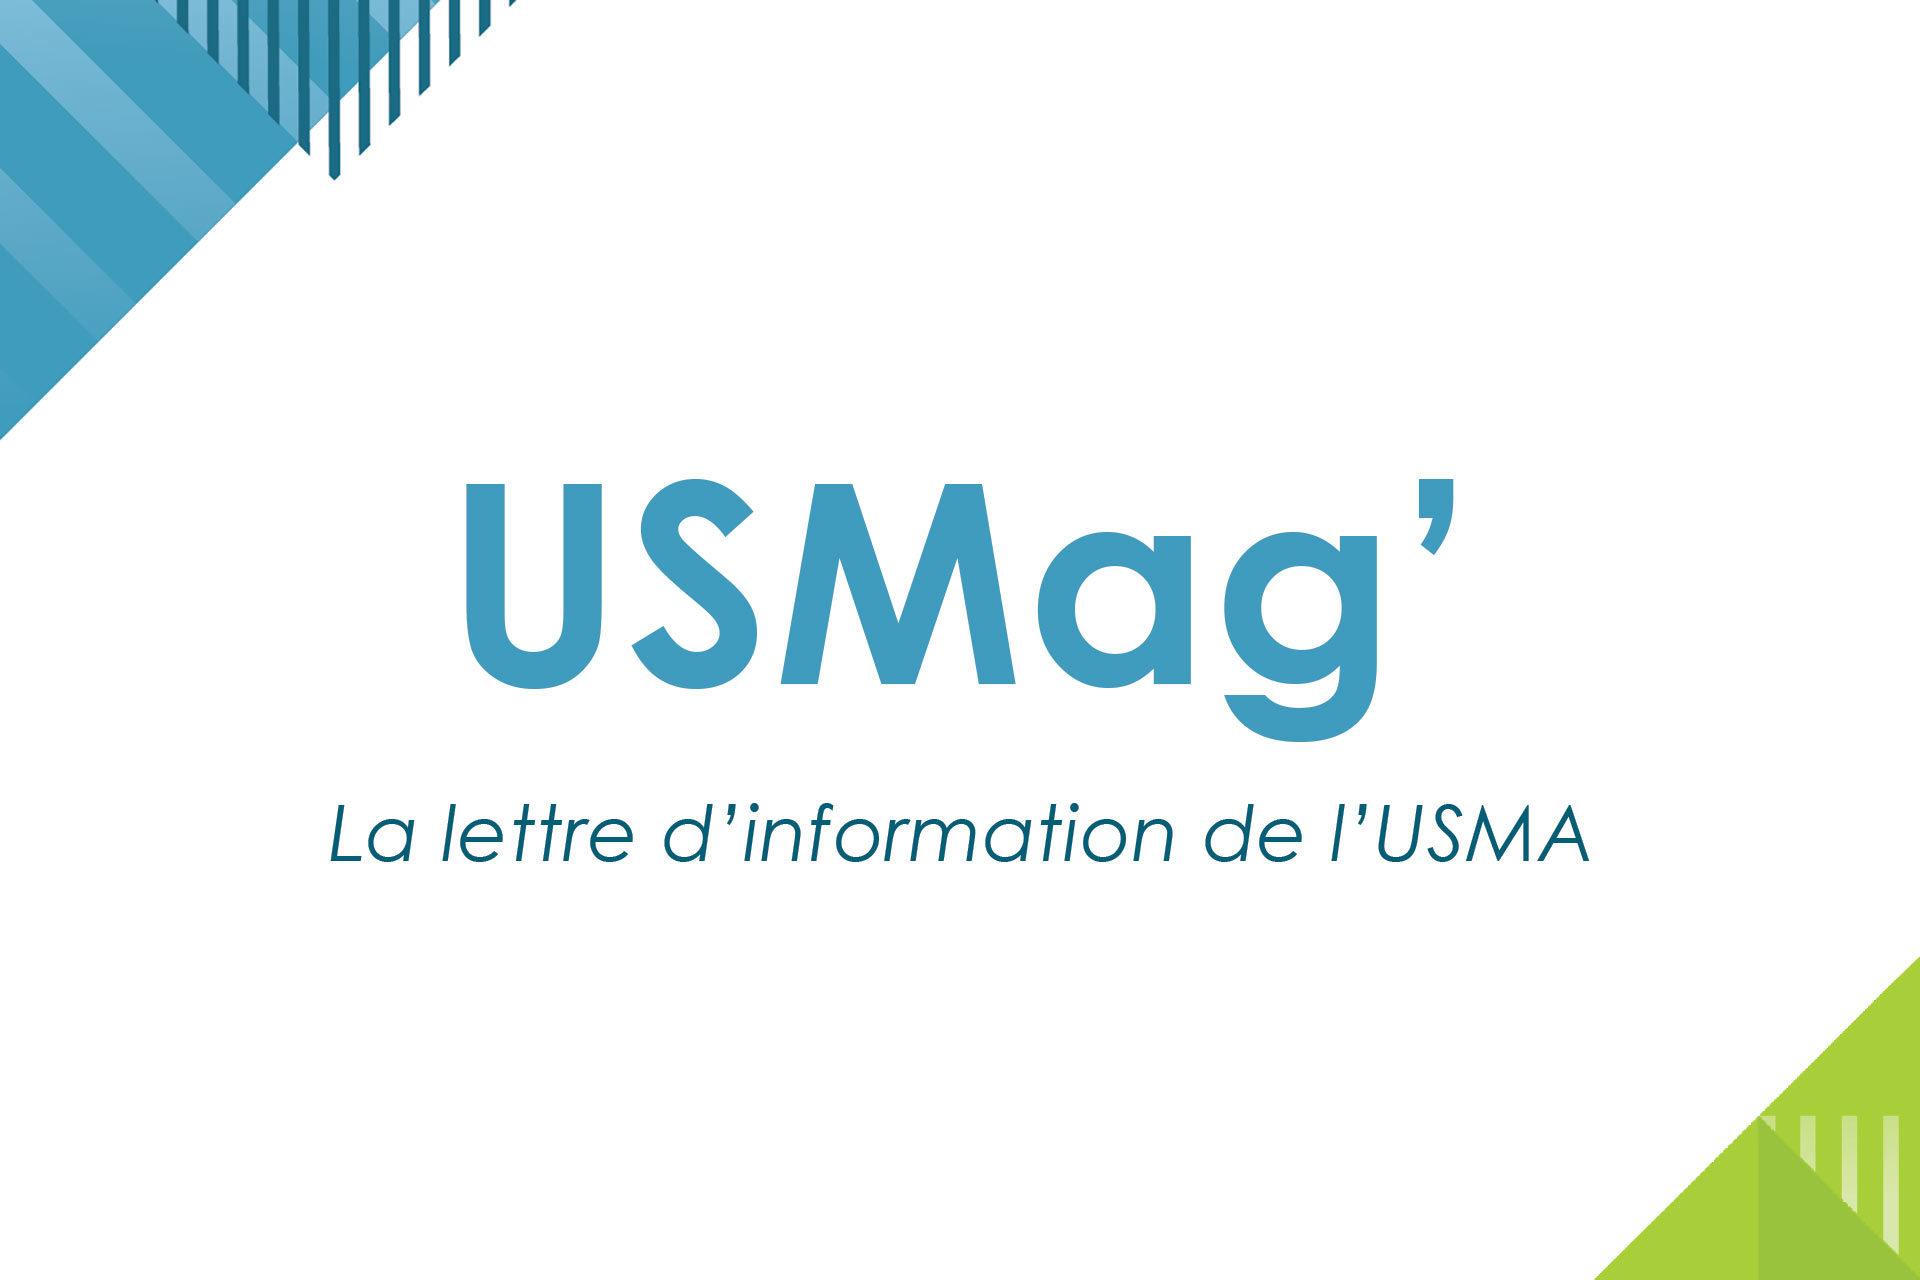 Usmag, lettre d'information de l'USMA